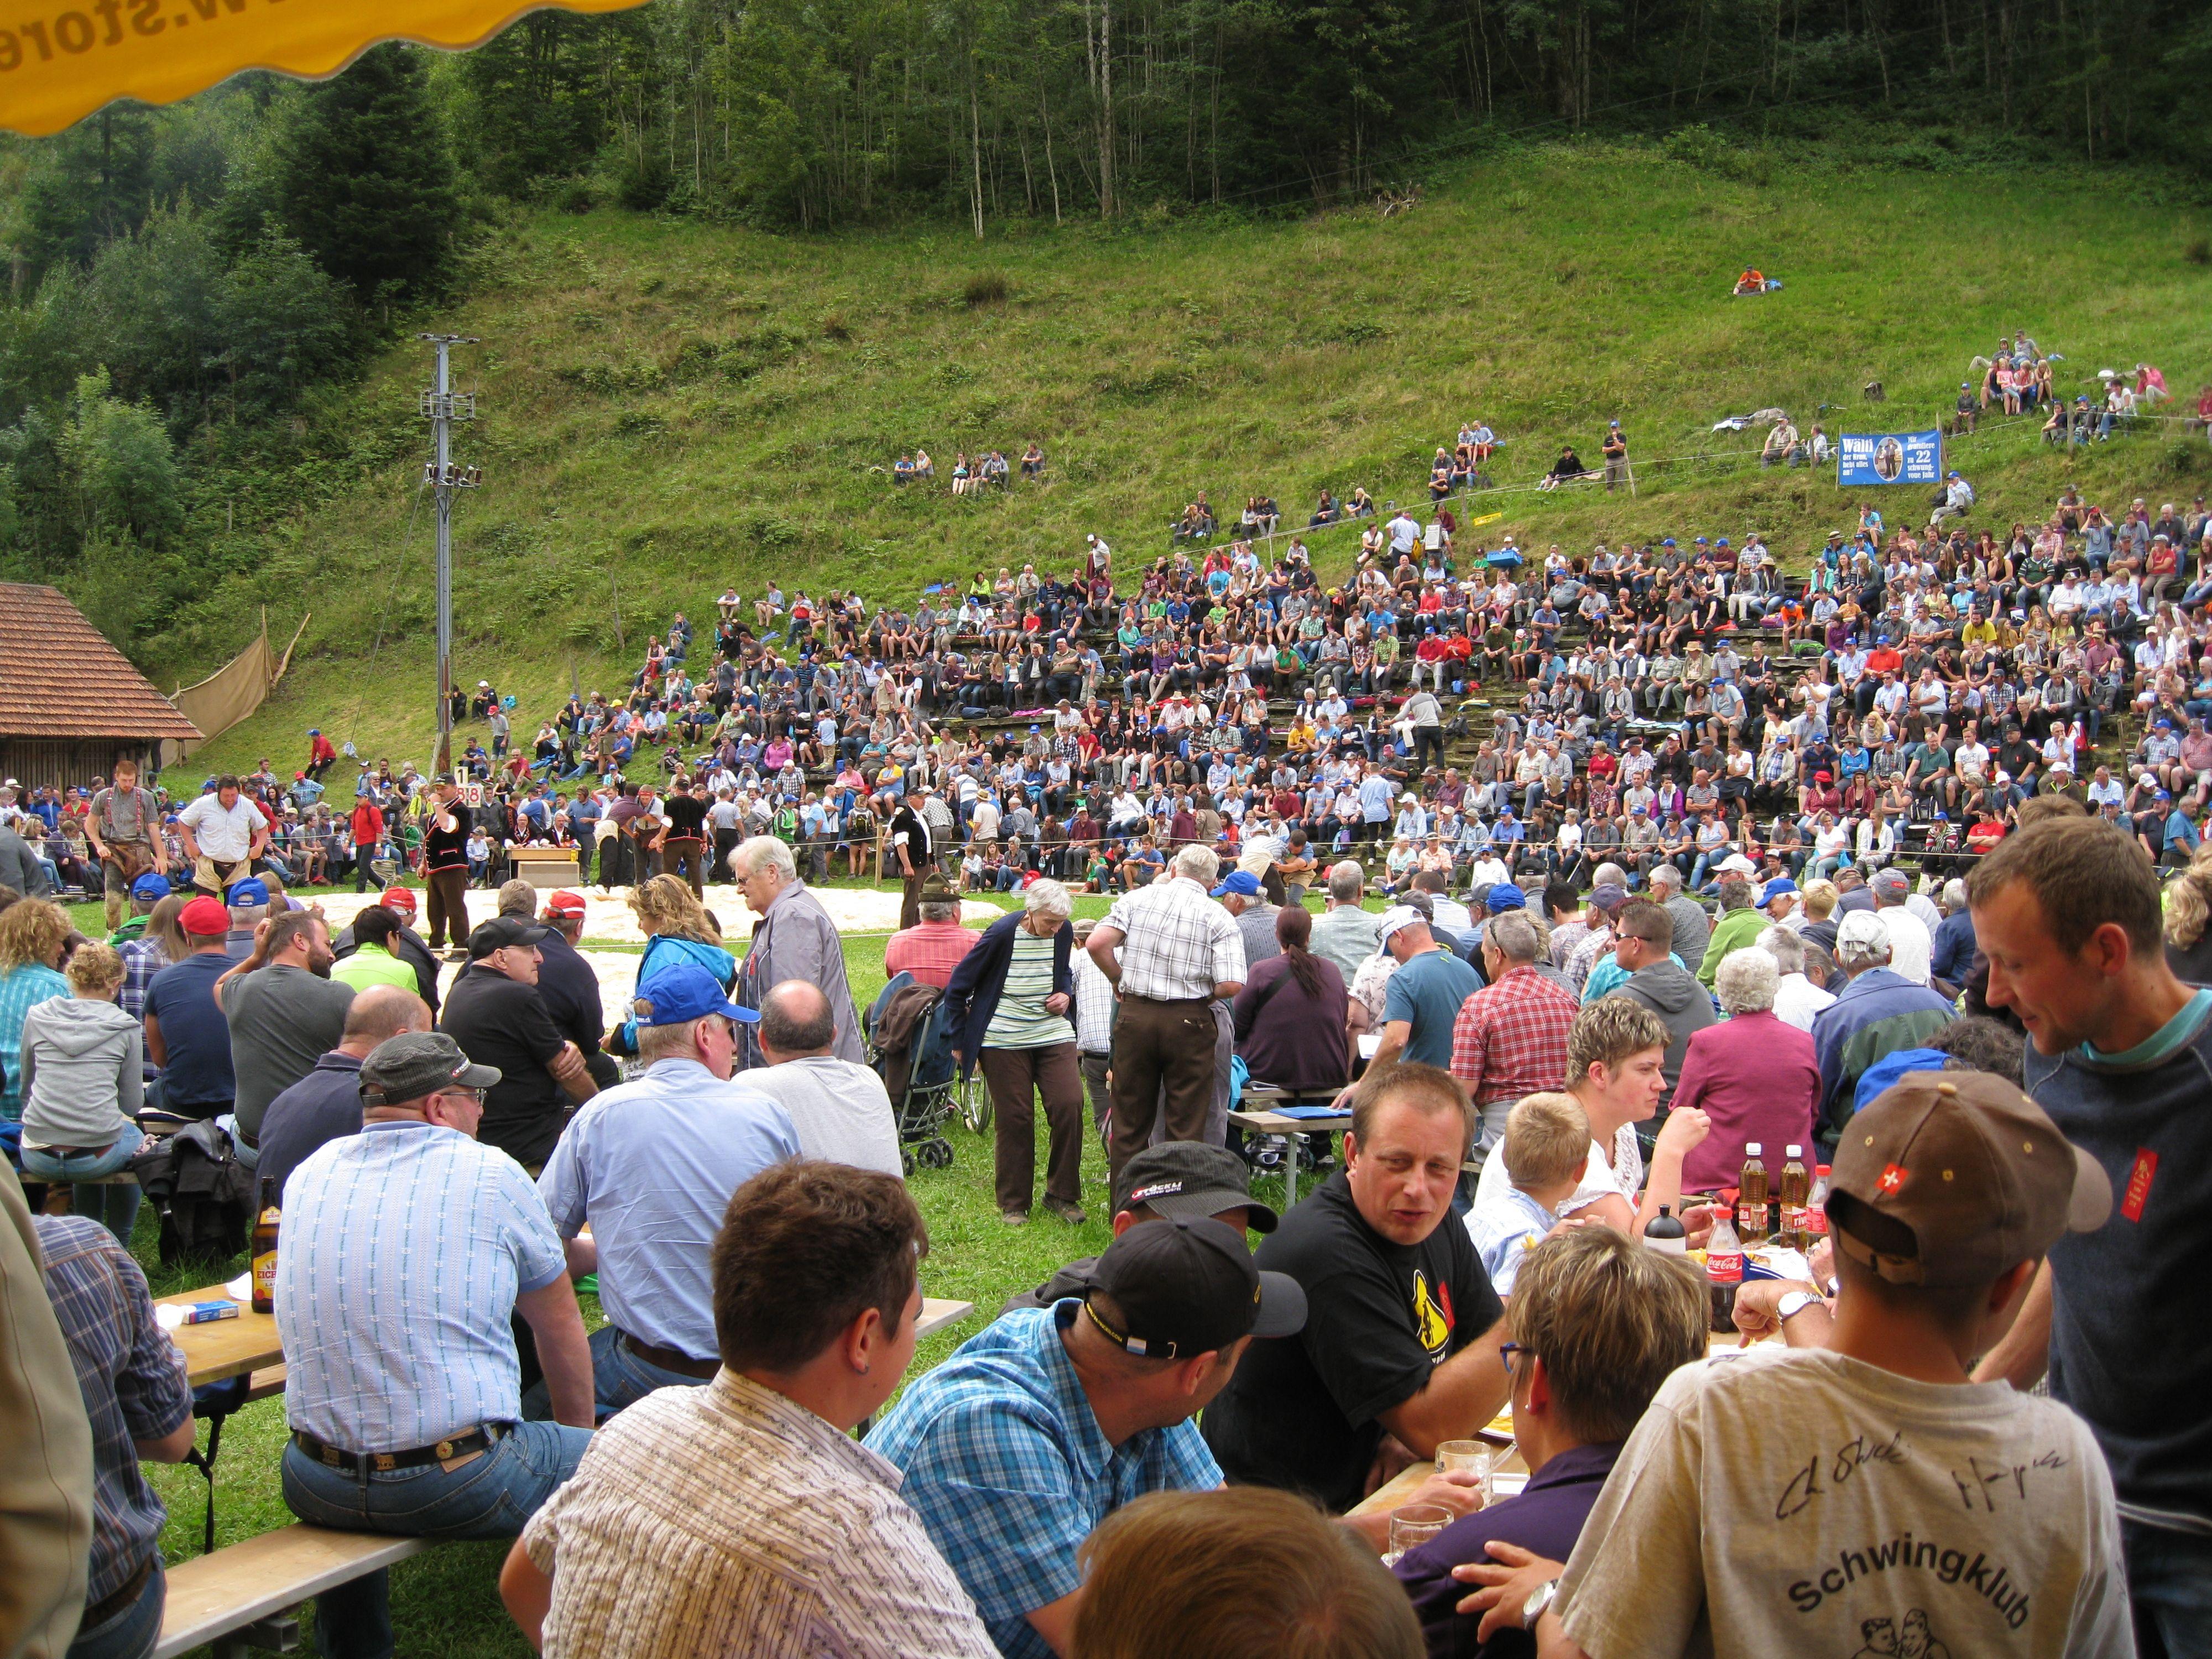 2016-09-04-Entlebuch-194-IMG_5182